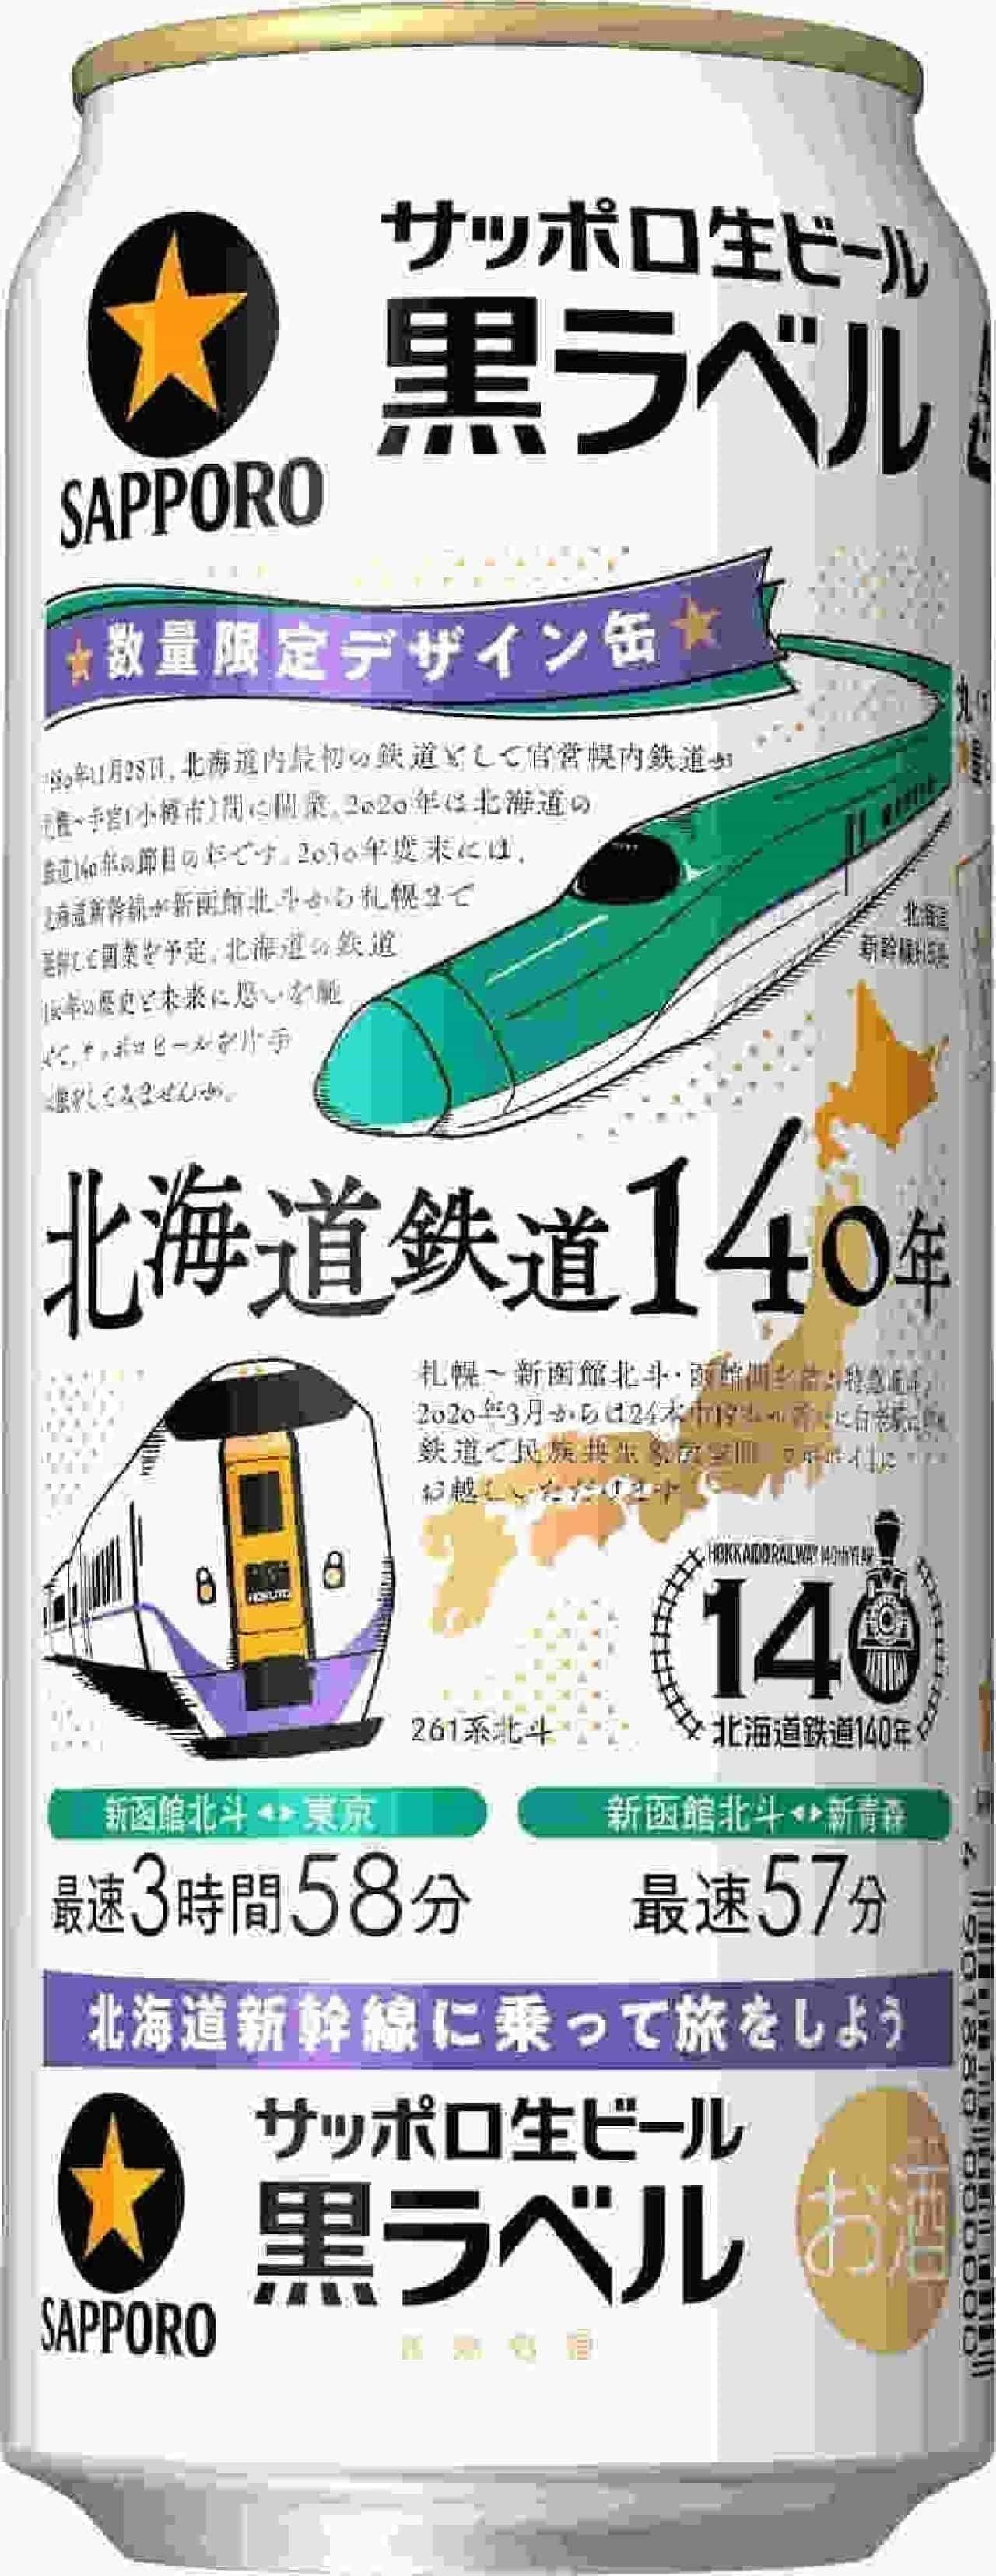 ニューデイズなどに「サッポロ生ビール黒ラベル 北海道デザイン缶」